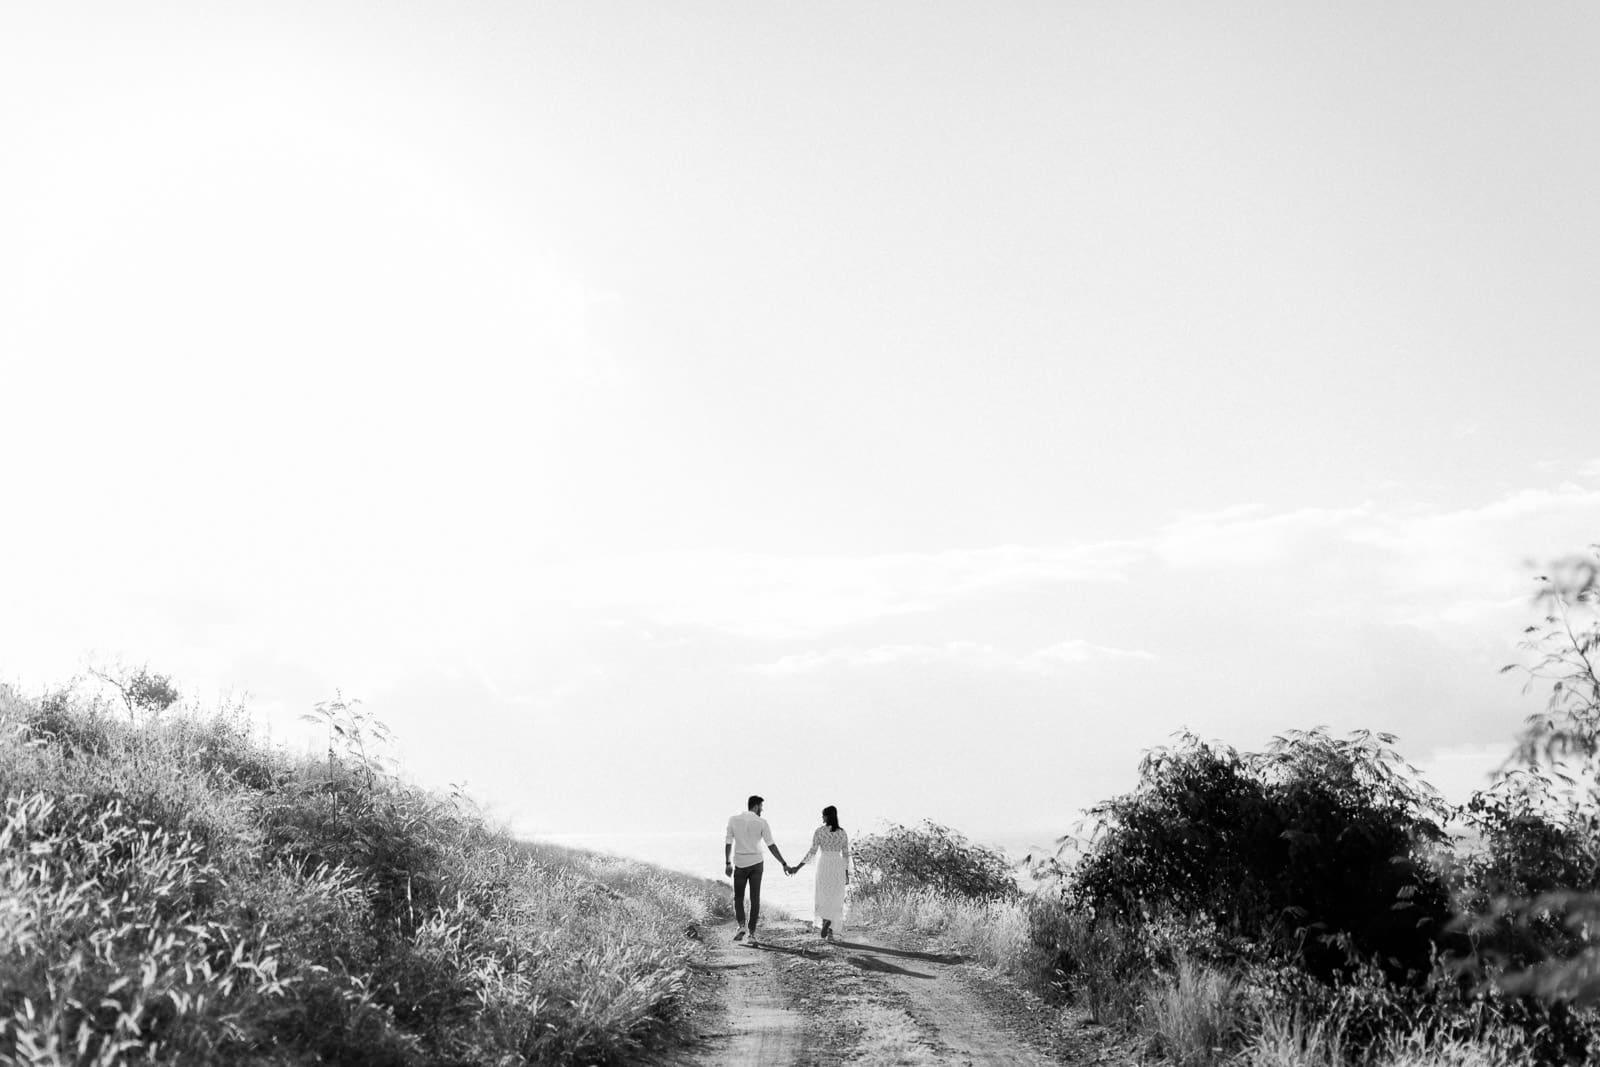 Photographie de Mathieu Dété en noir et blanc, photographe de mariage et famille à Saint-Gilles de la Réunion 974, présentant un couple qui marche dans la savane du Cap La Houssaye, près de Saint-Paul